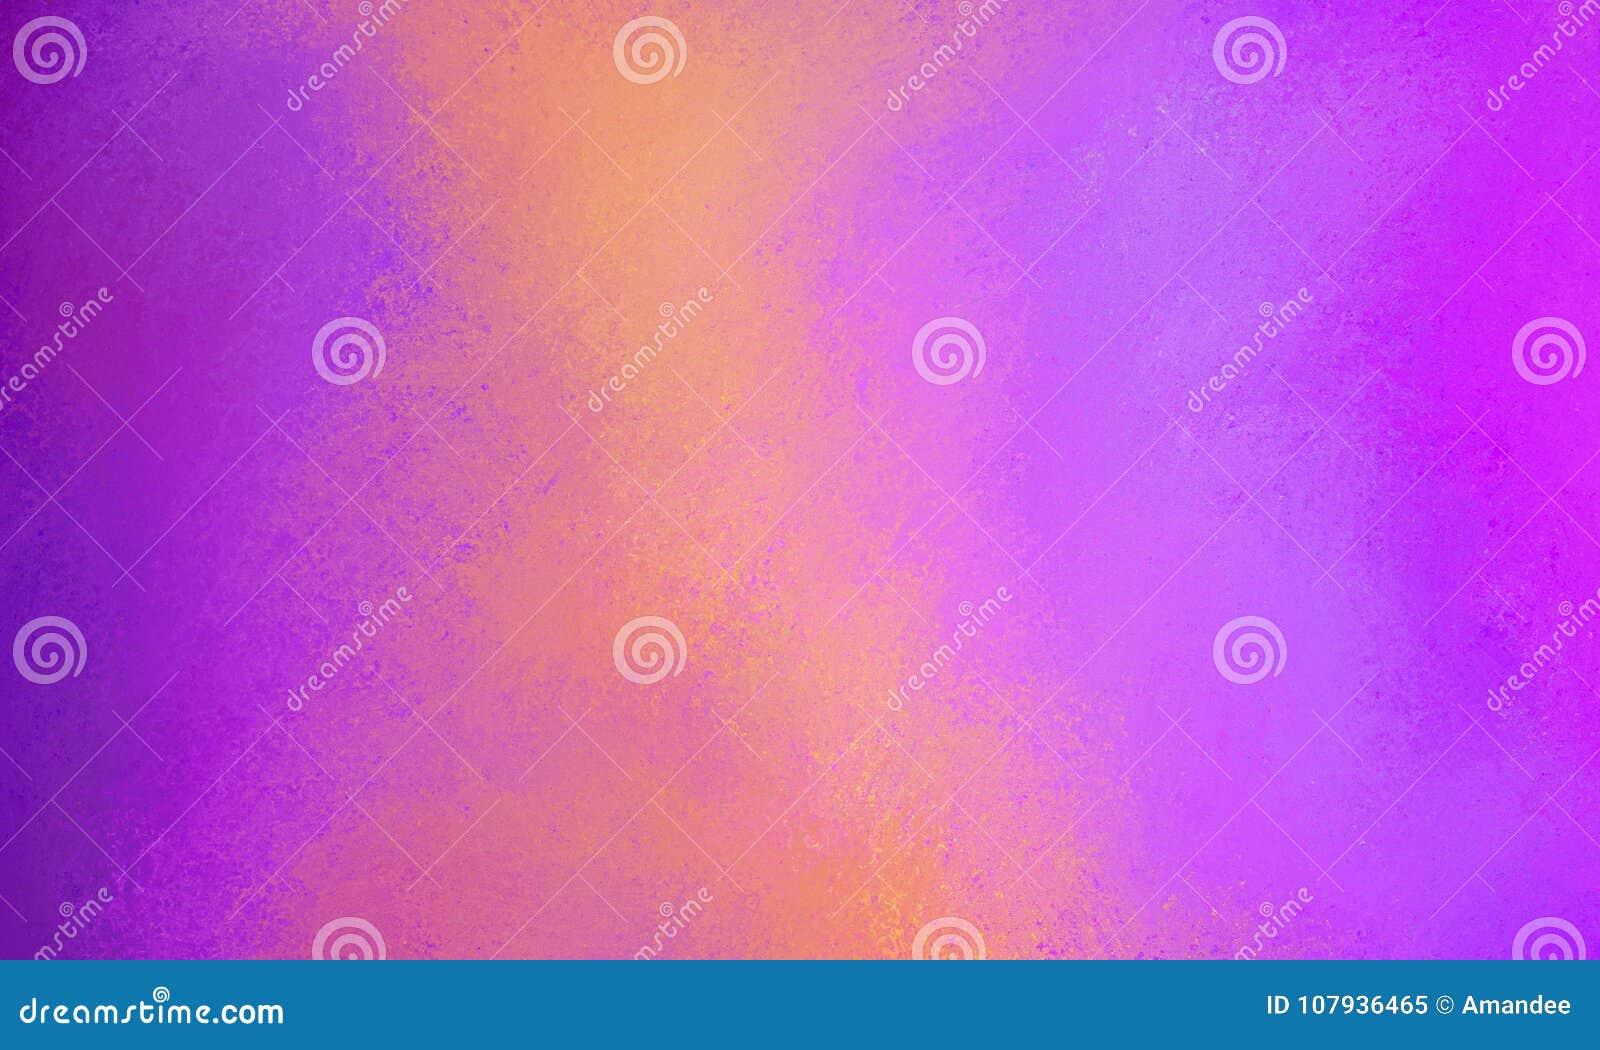 Κομψό πορφυρό ρόδινο υπόβαθρο με το πορτοκαλί αφηρημένο σχέδιο λωρίδων με τα μέρη της σύστασης, κομψό χρωματισμένο σχέδιο υποβάθρ